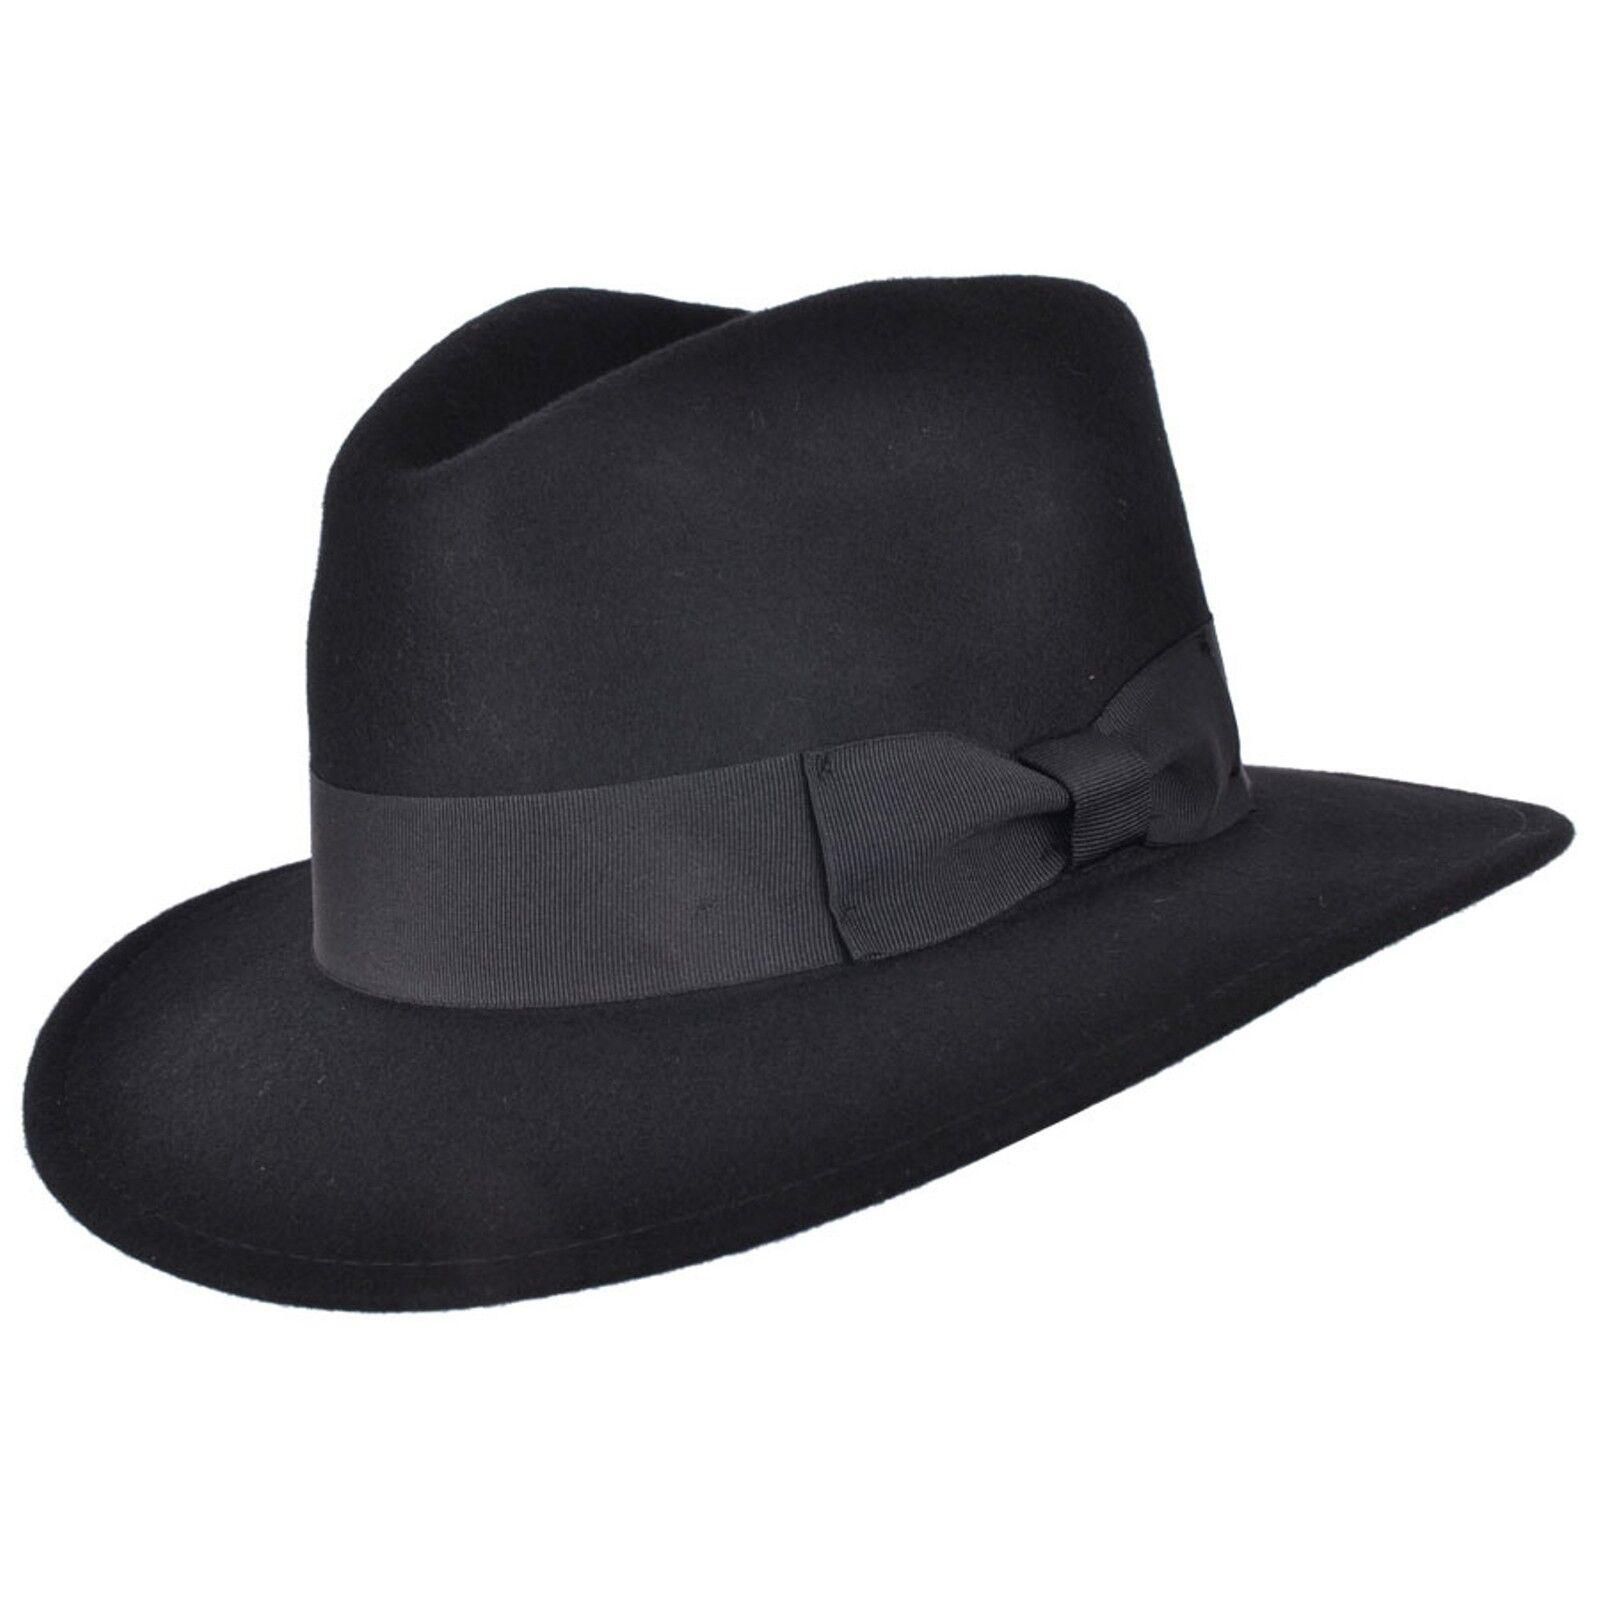 Indiana de caballeros 100% lana negro fieltro sombrero Fedora con banda  ancha 068cb674e25